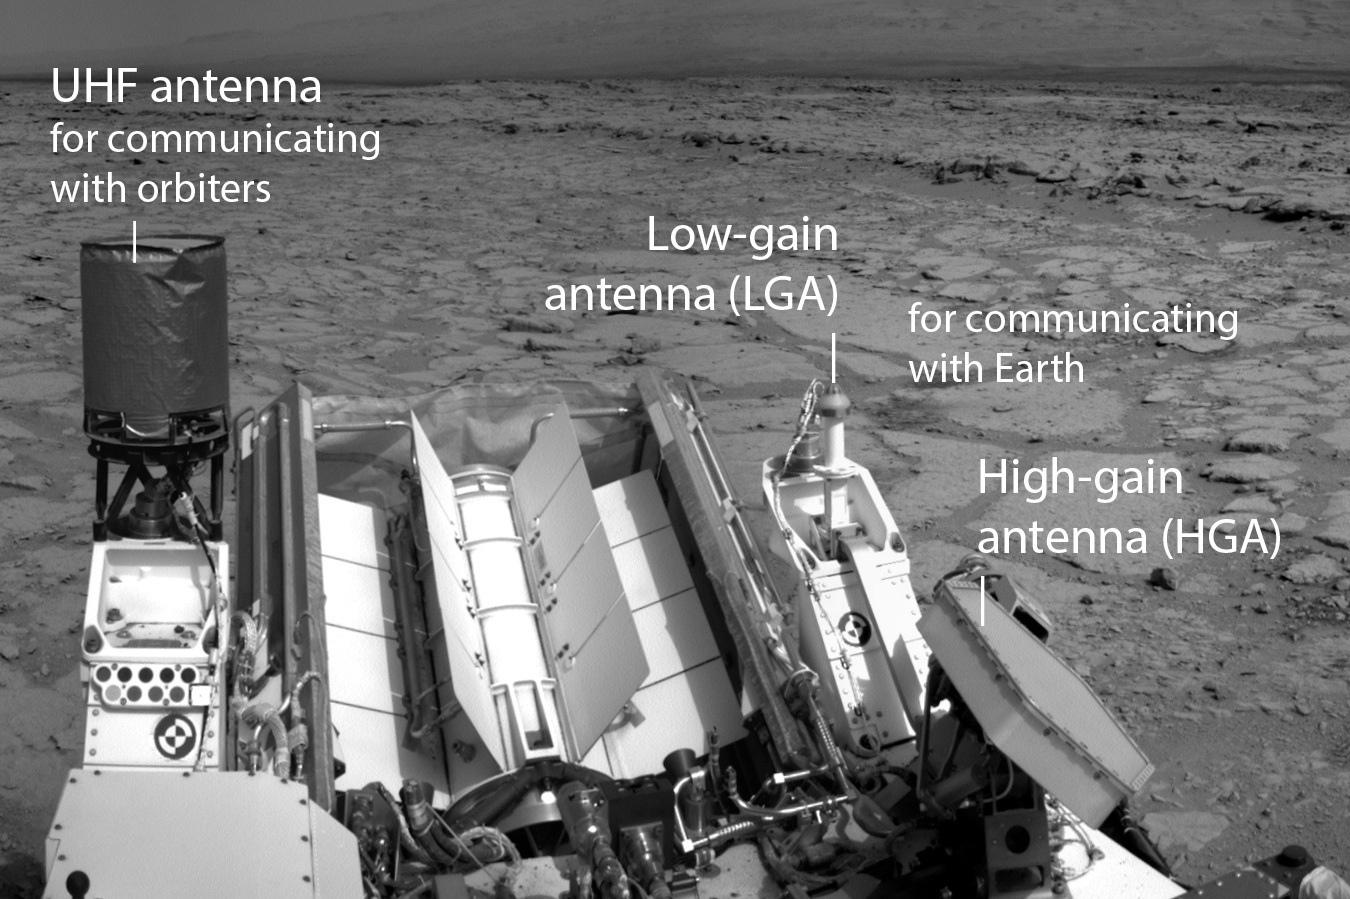 Antennes-communications-hardware.jpg.aa437cff3a6443f2e2e1150d1a44be83.jpg